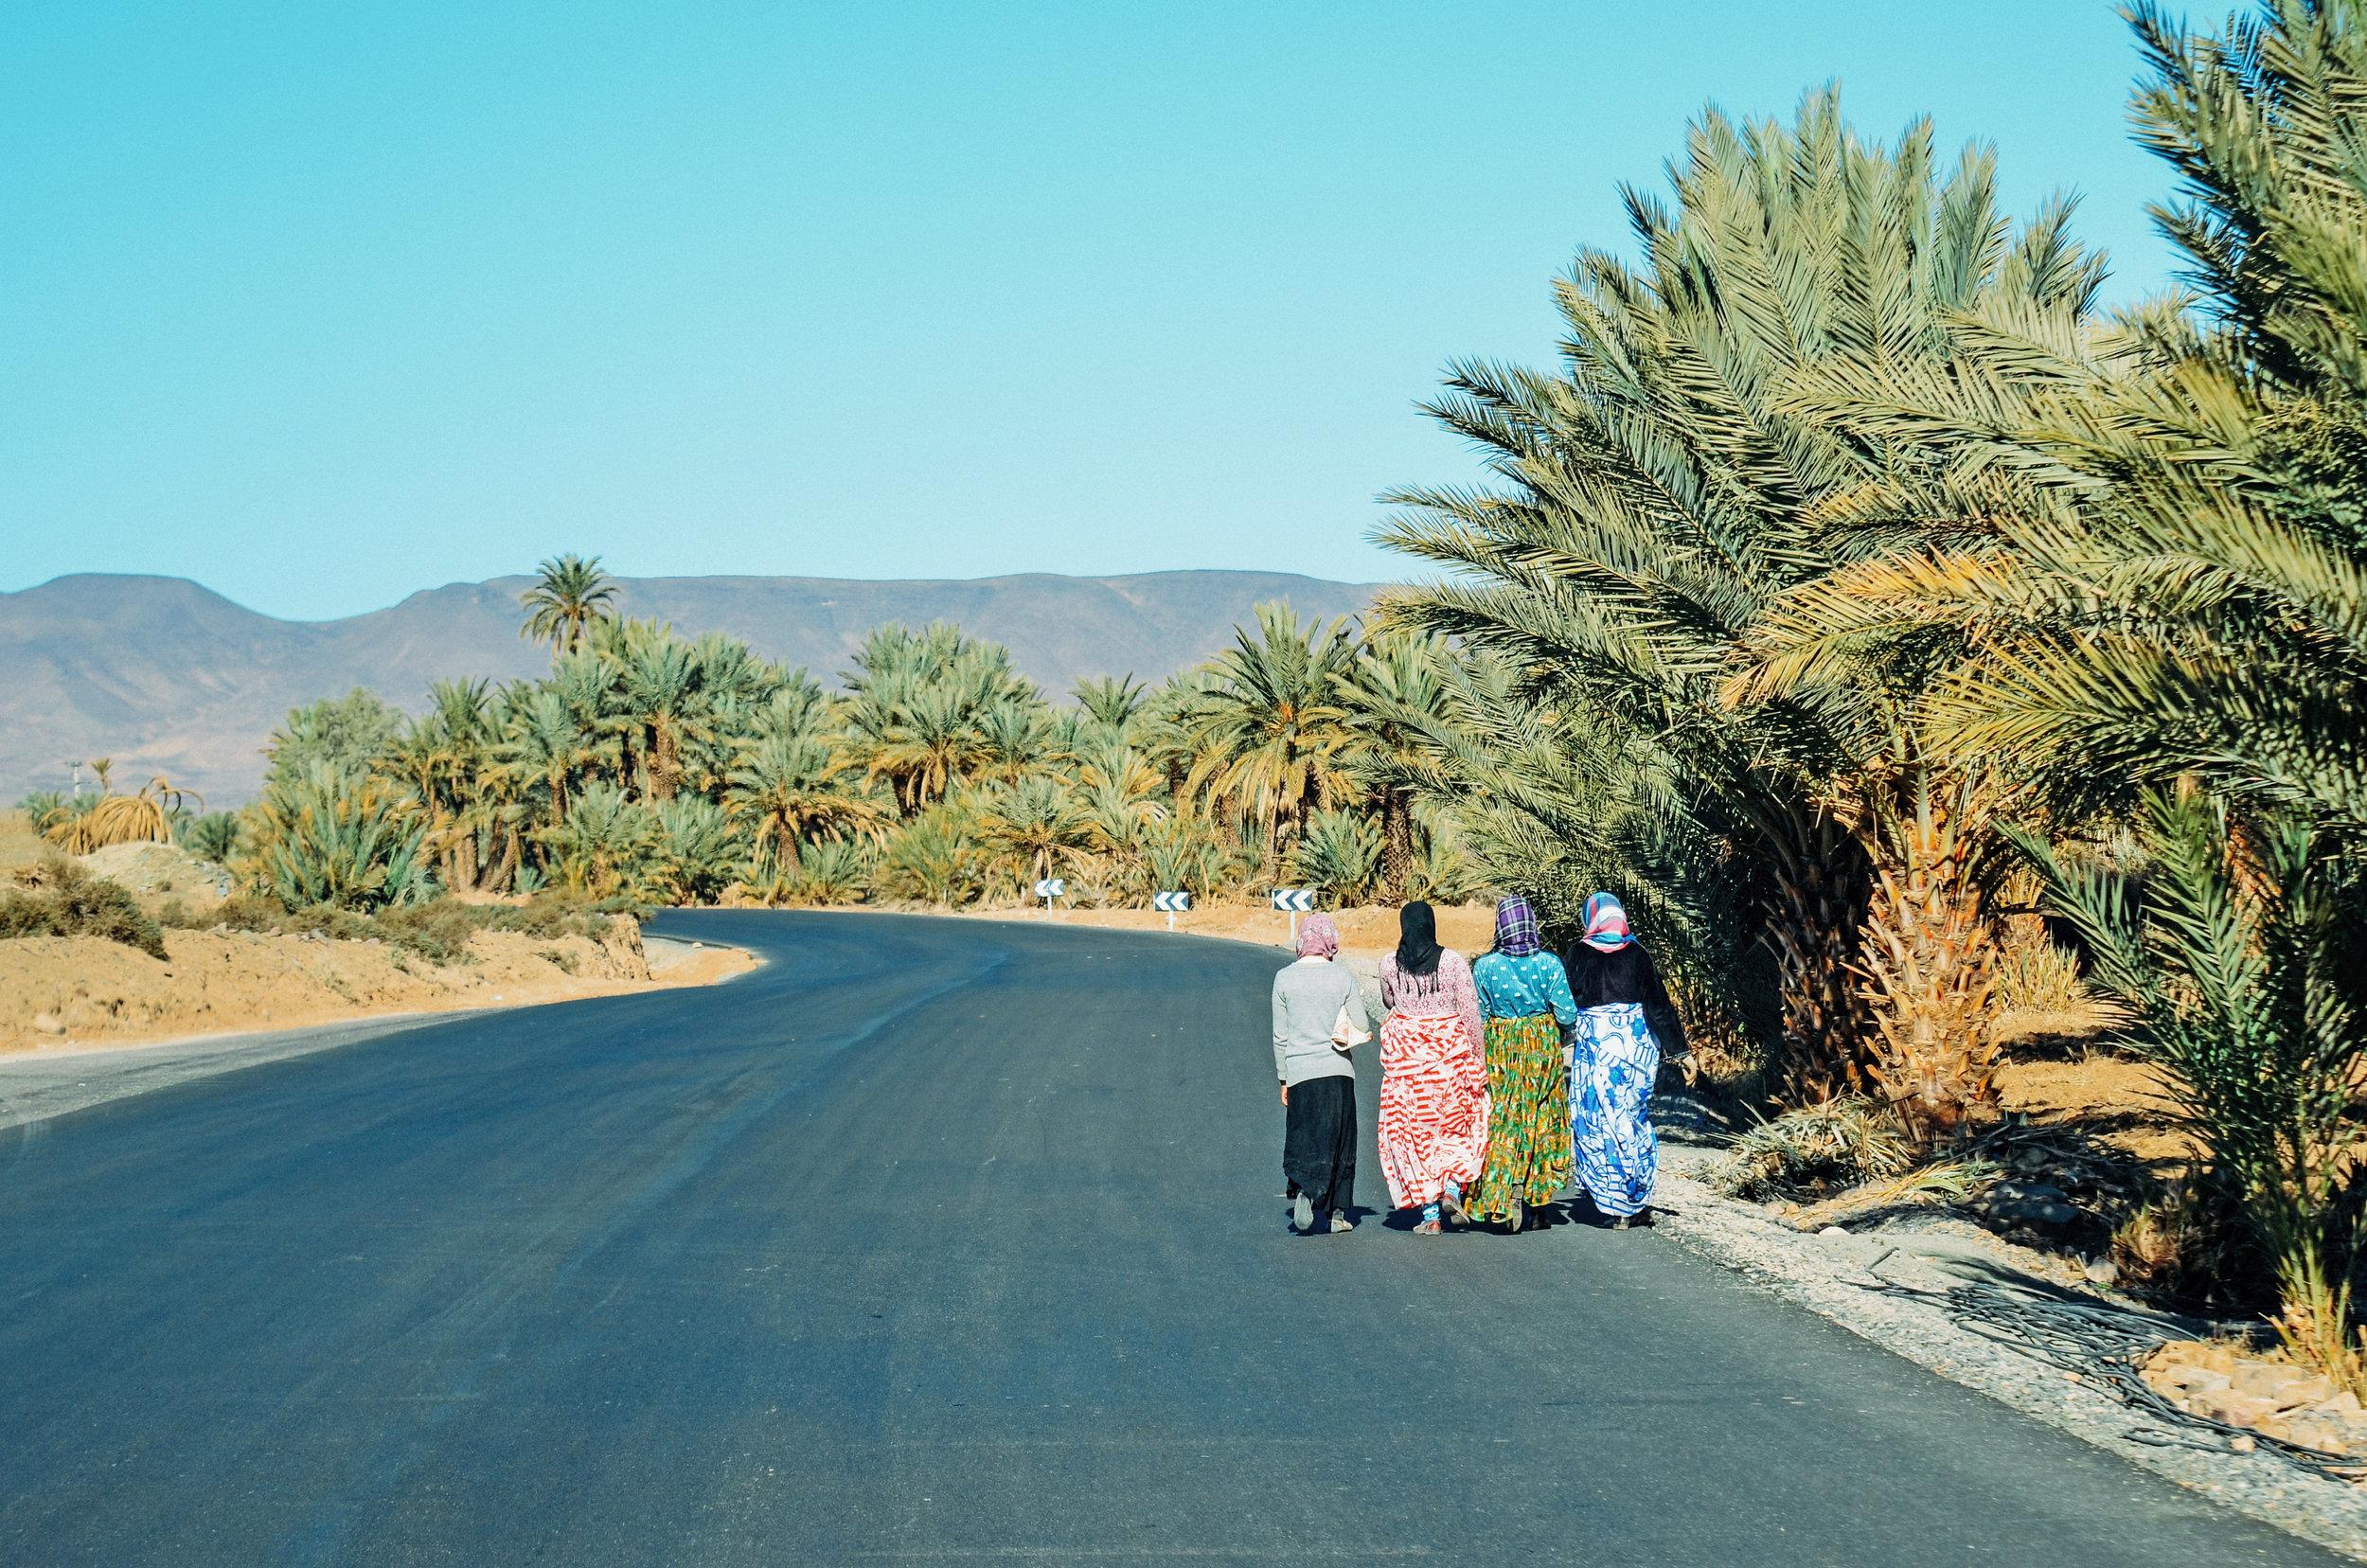 On the way to Zagora © Sara Lima